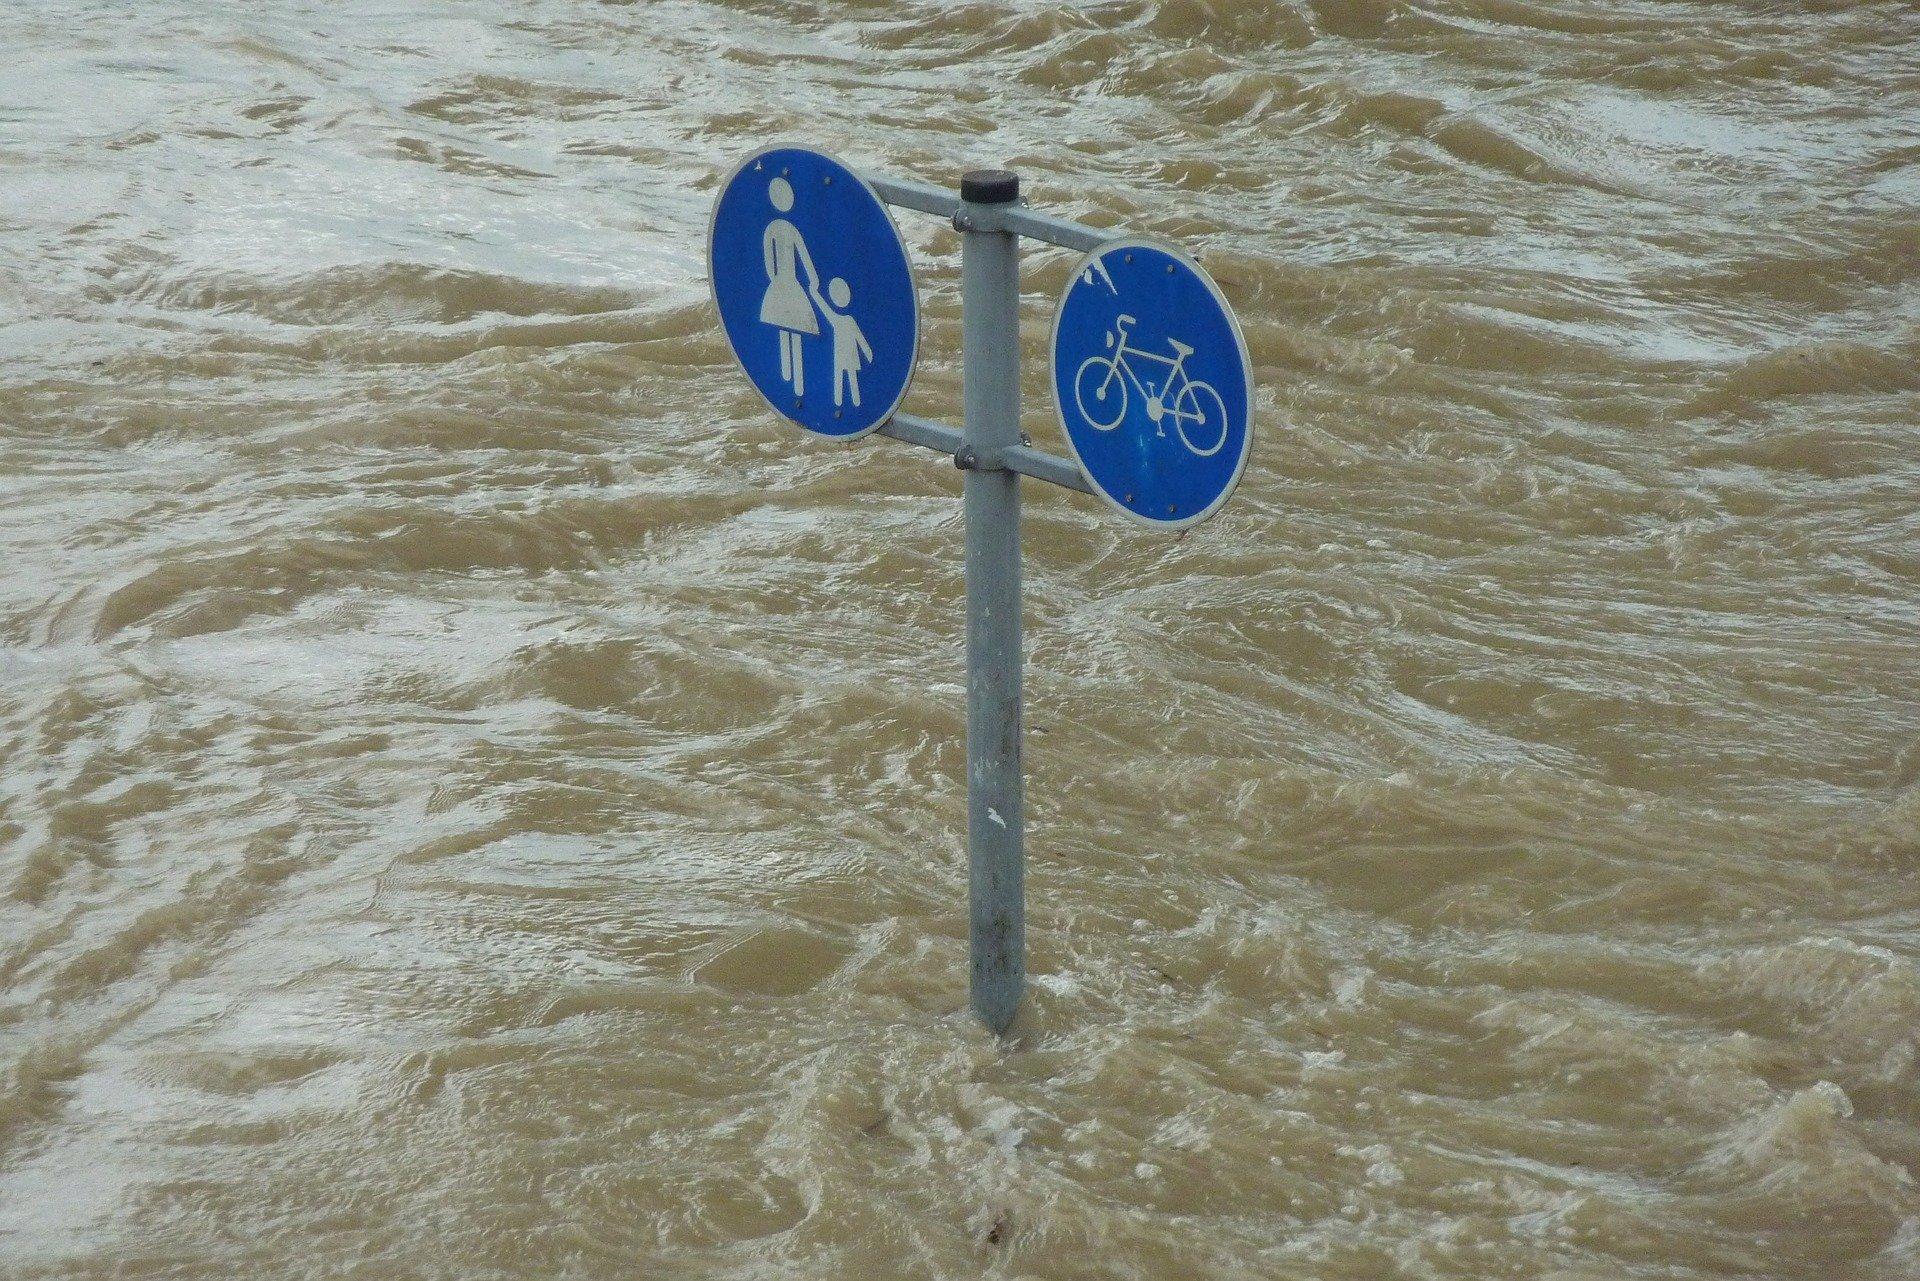 Flutkatastrophen nehmen zu. Hilfsorganisationen brauchen Dauermitgliedschaften